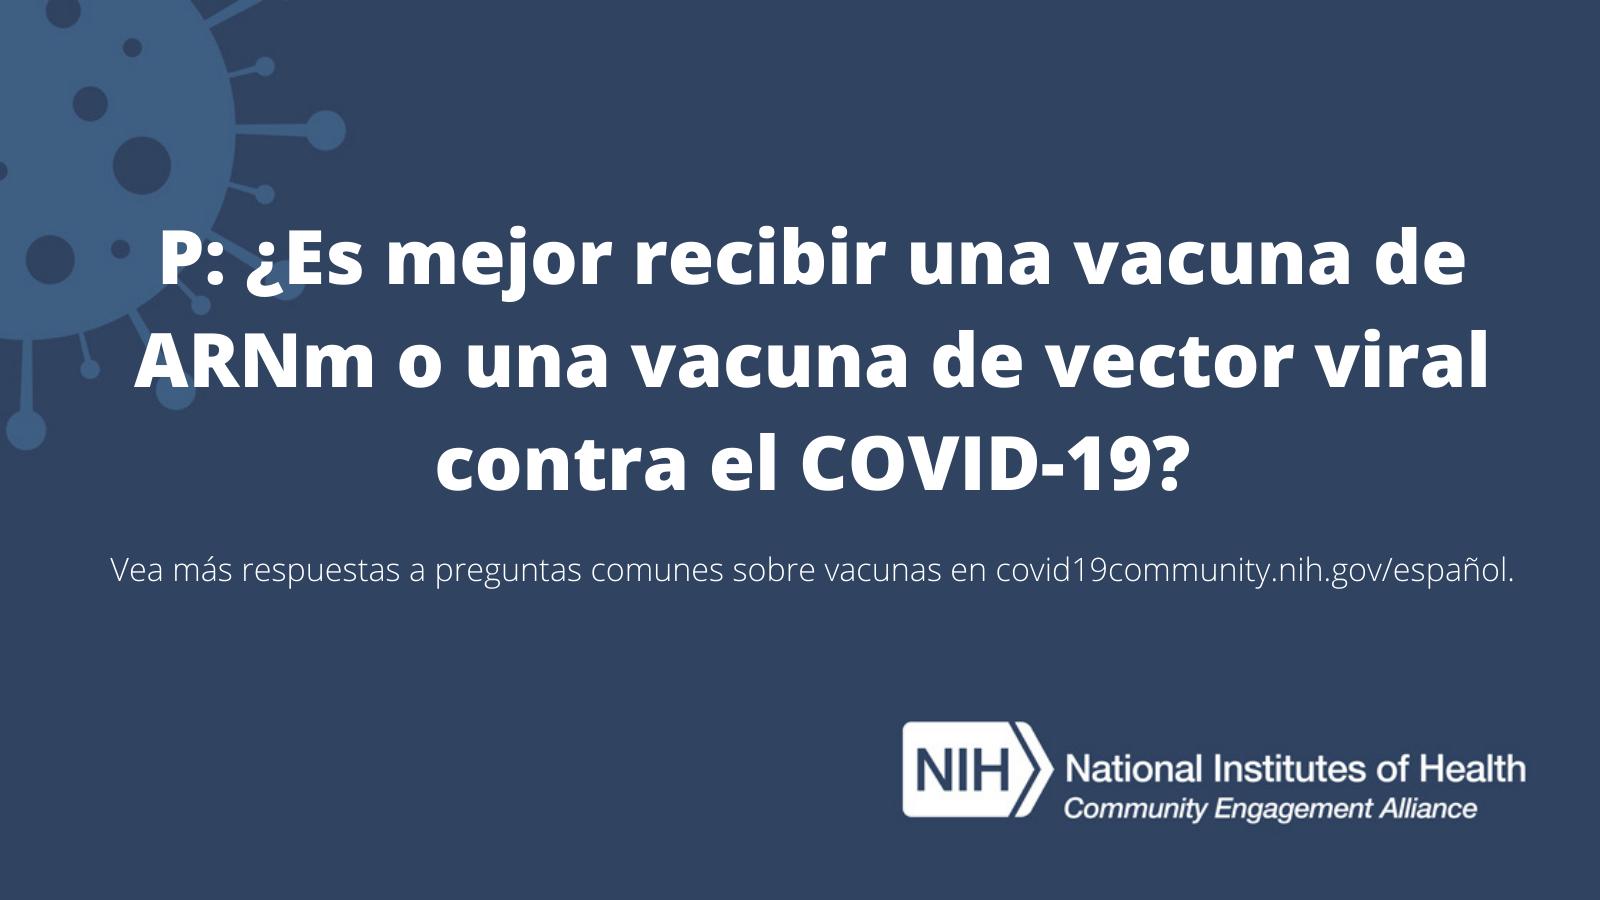 P: ¿Es mejor recibir una vacuna de ARNm o una vacuna de vector viral contra el COVID-19?